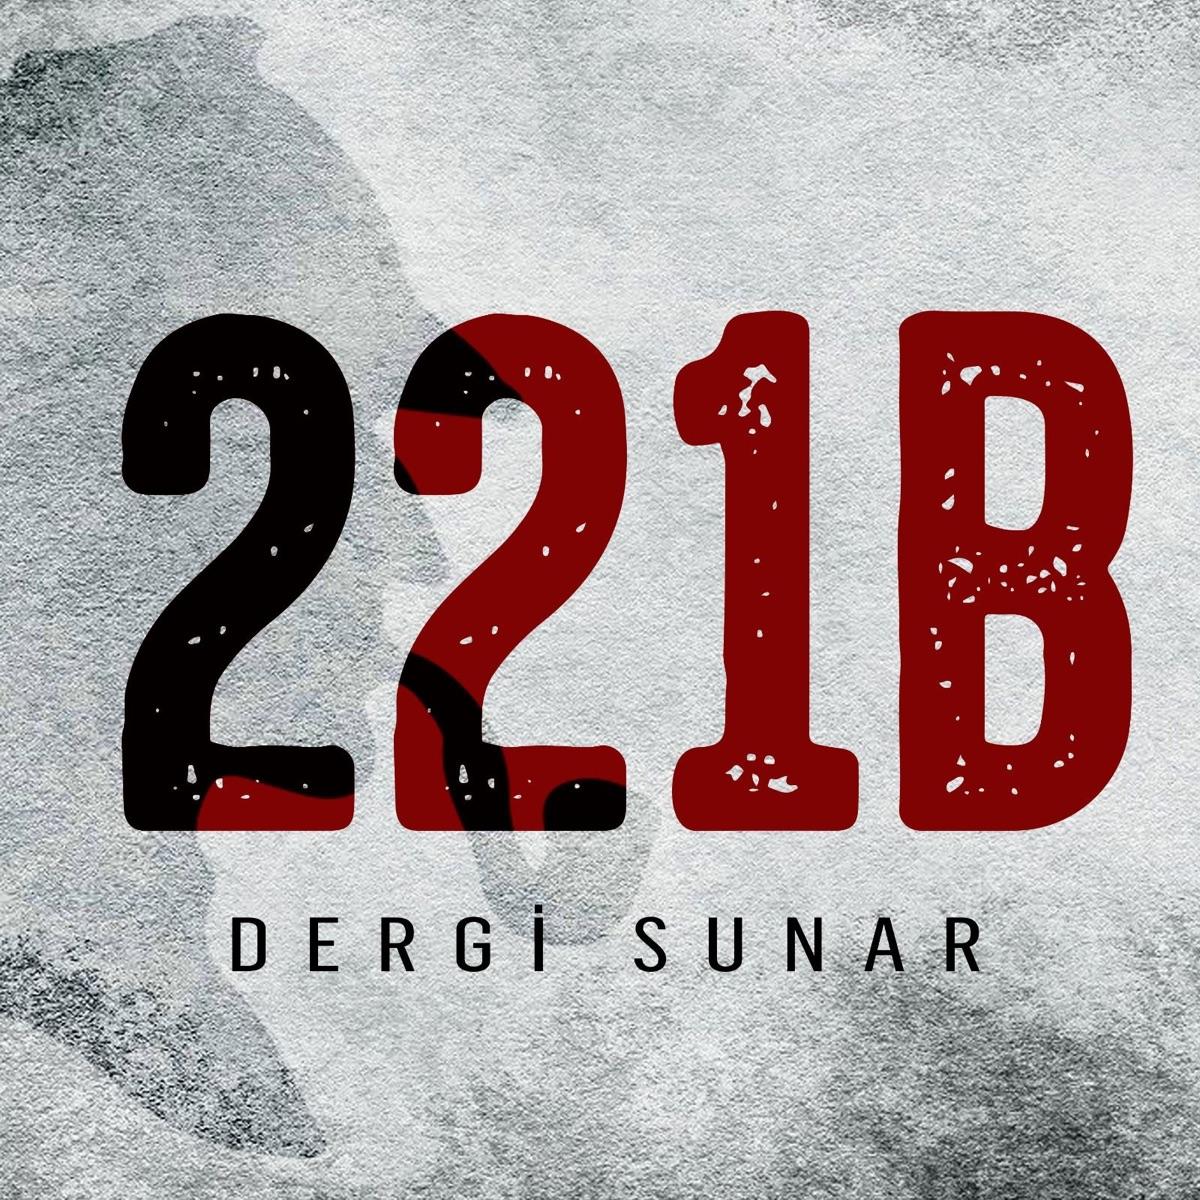 221B Dergi Sunar